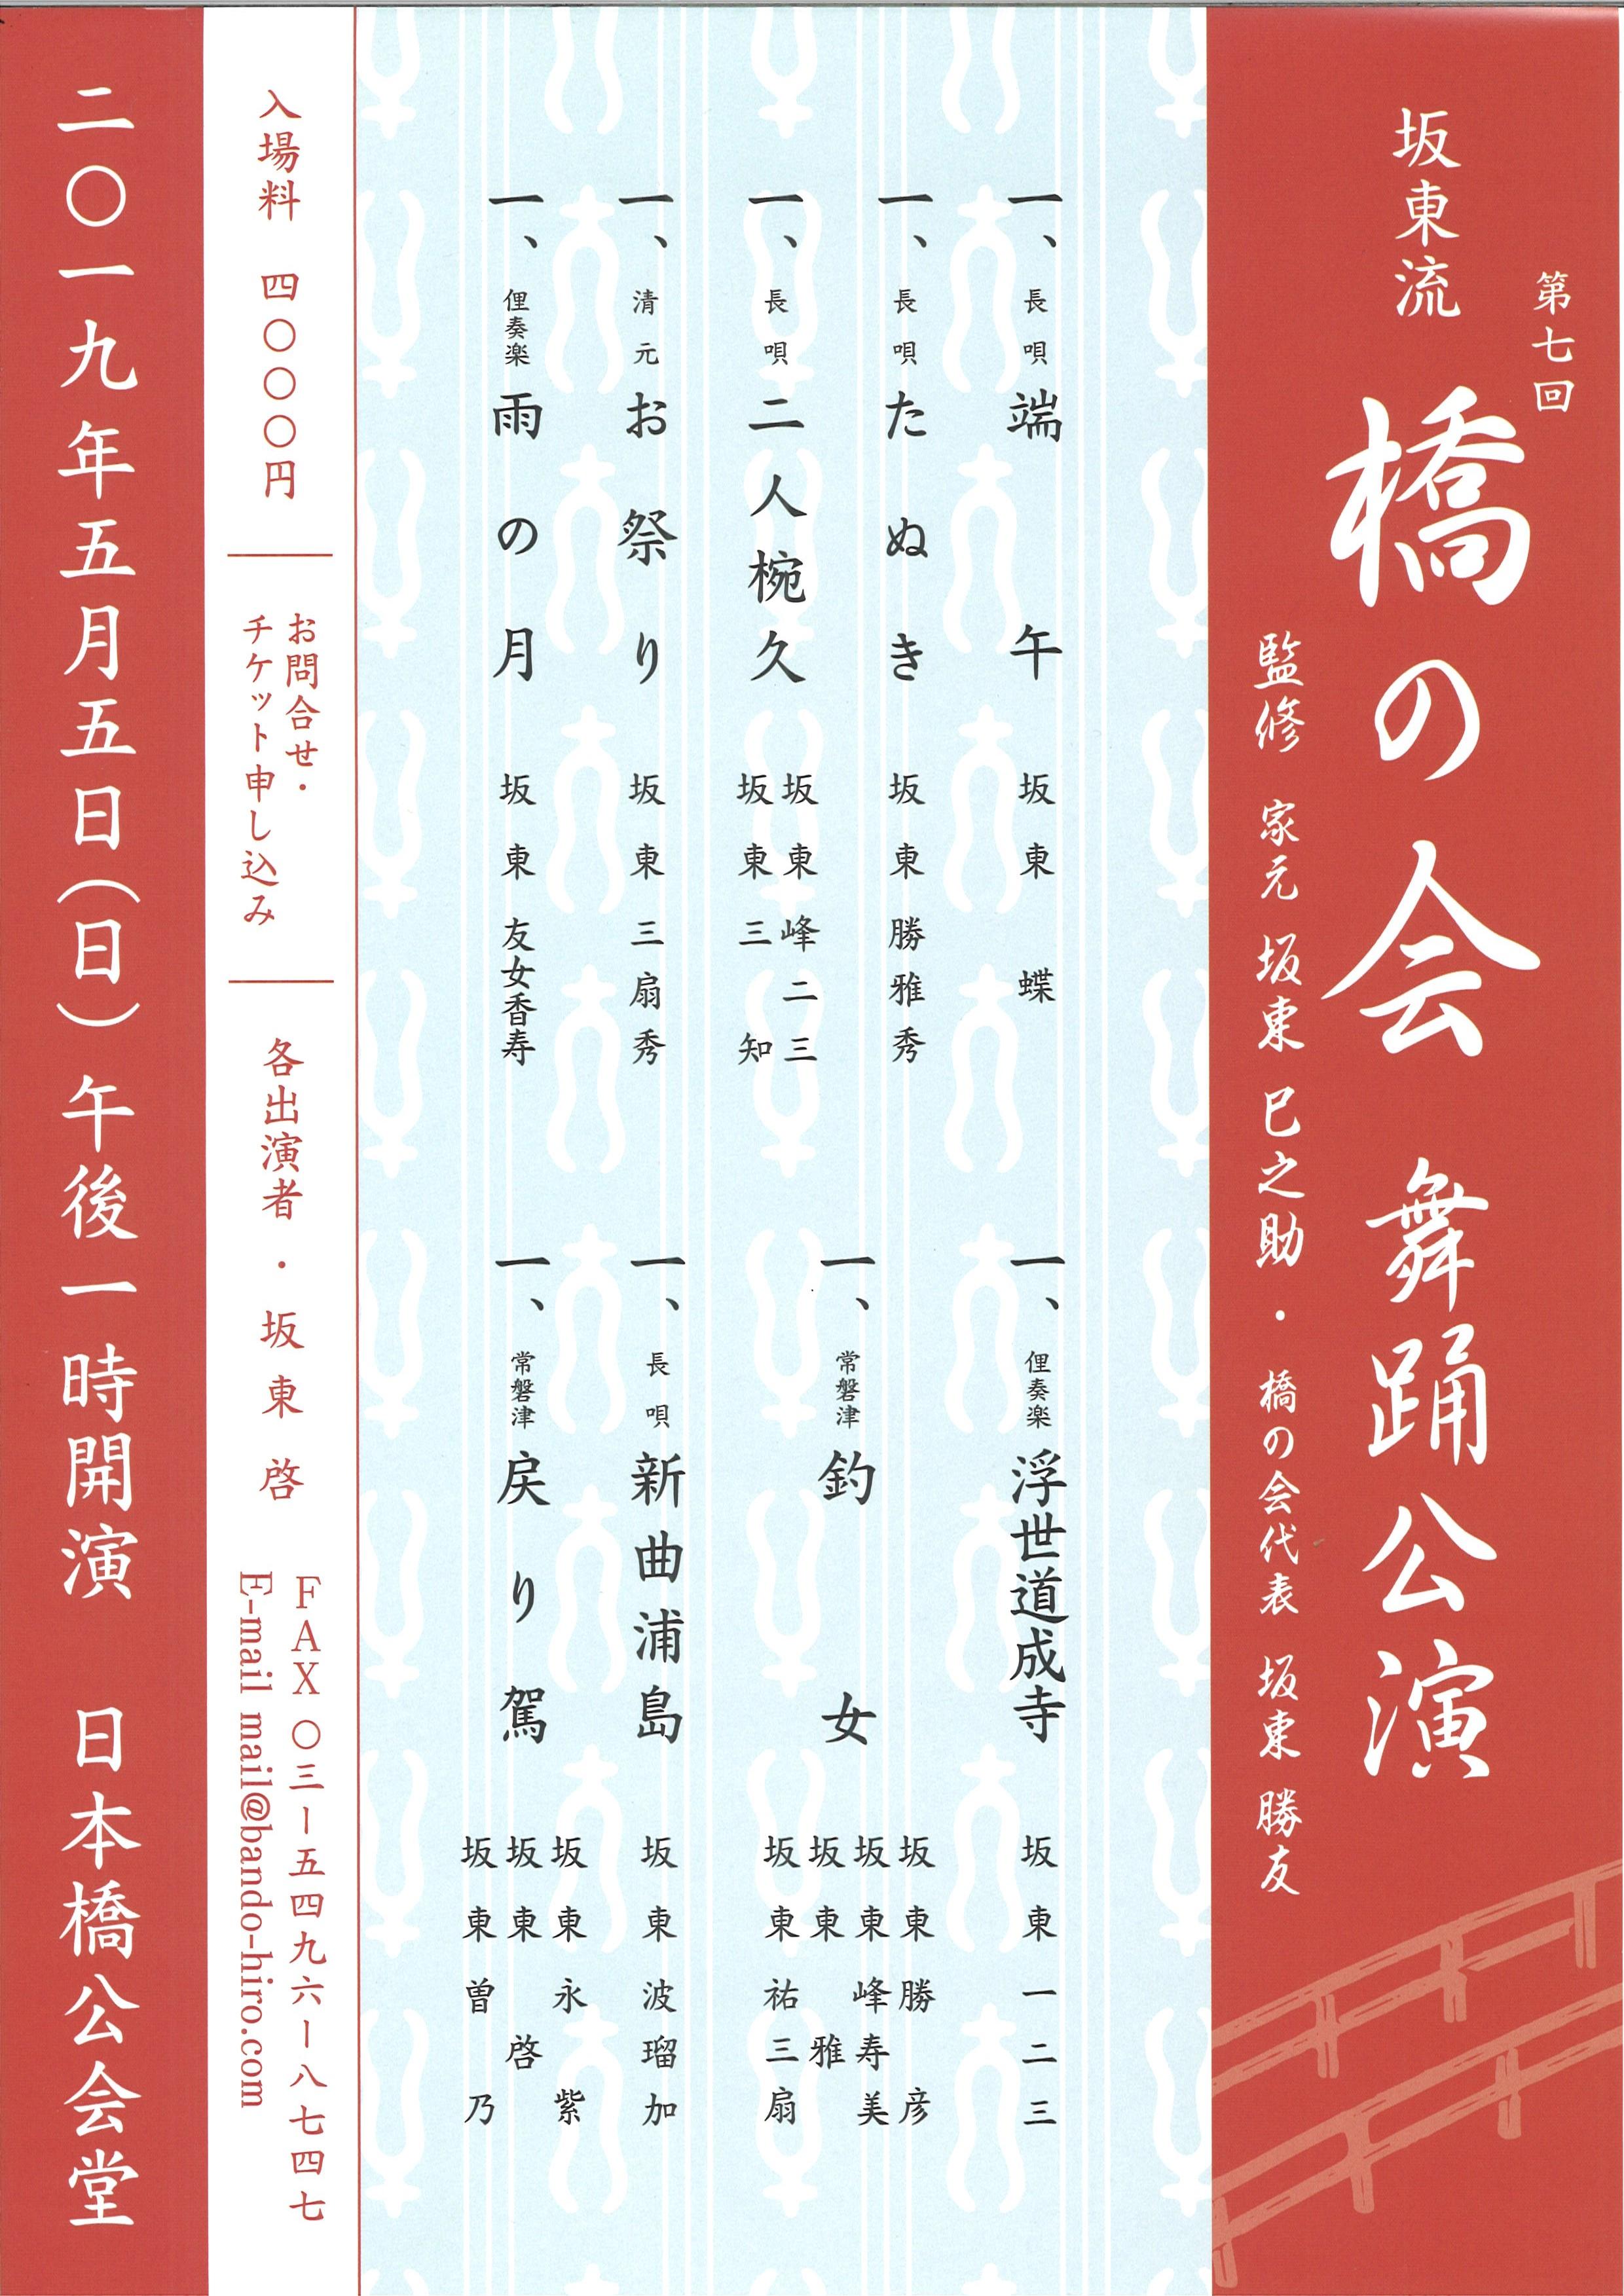 第七回 坂東流 橋の会 舞踊公演